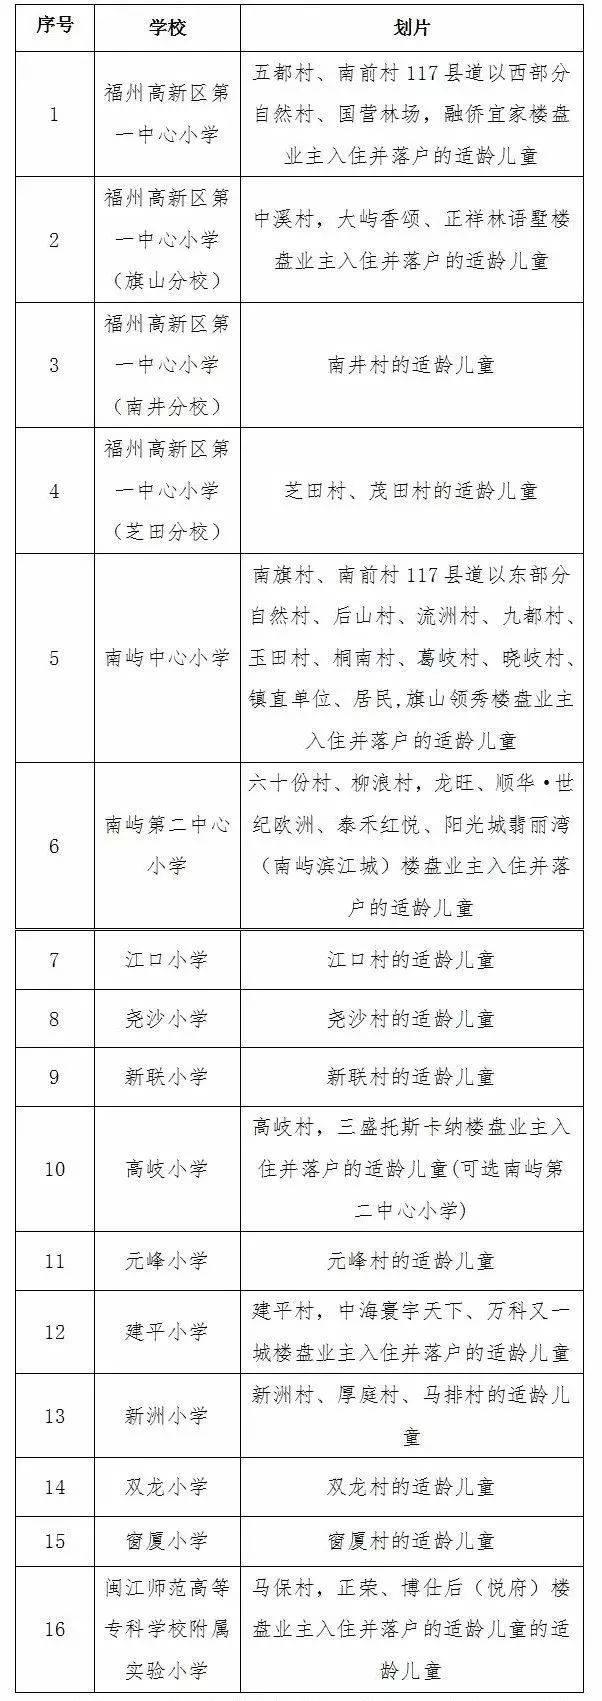 福州小学划片_福州高新区小学划片,小升初政策出炉!